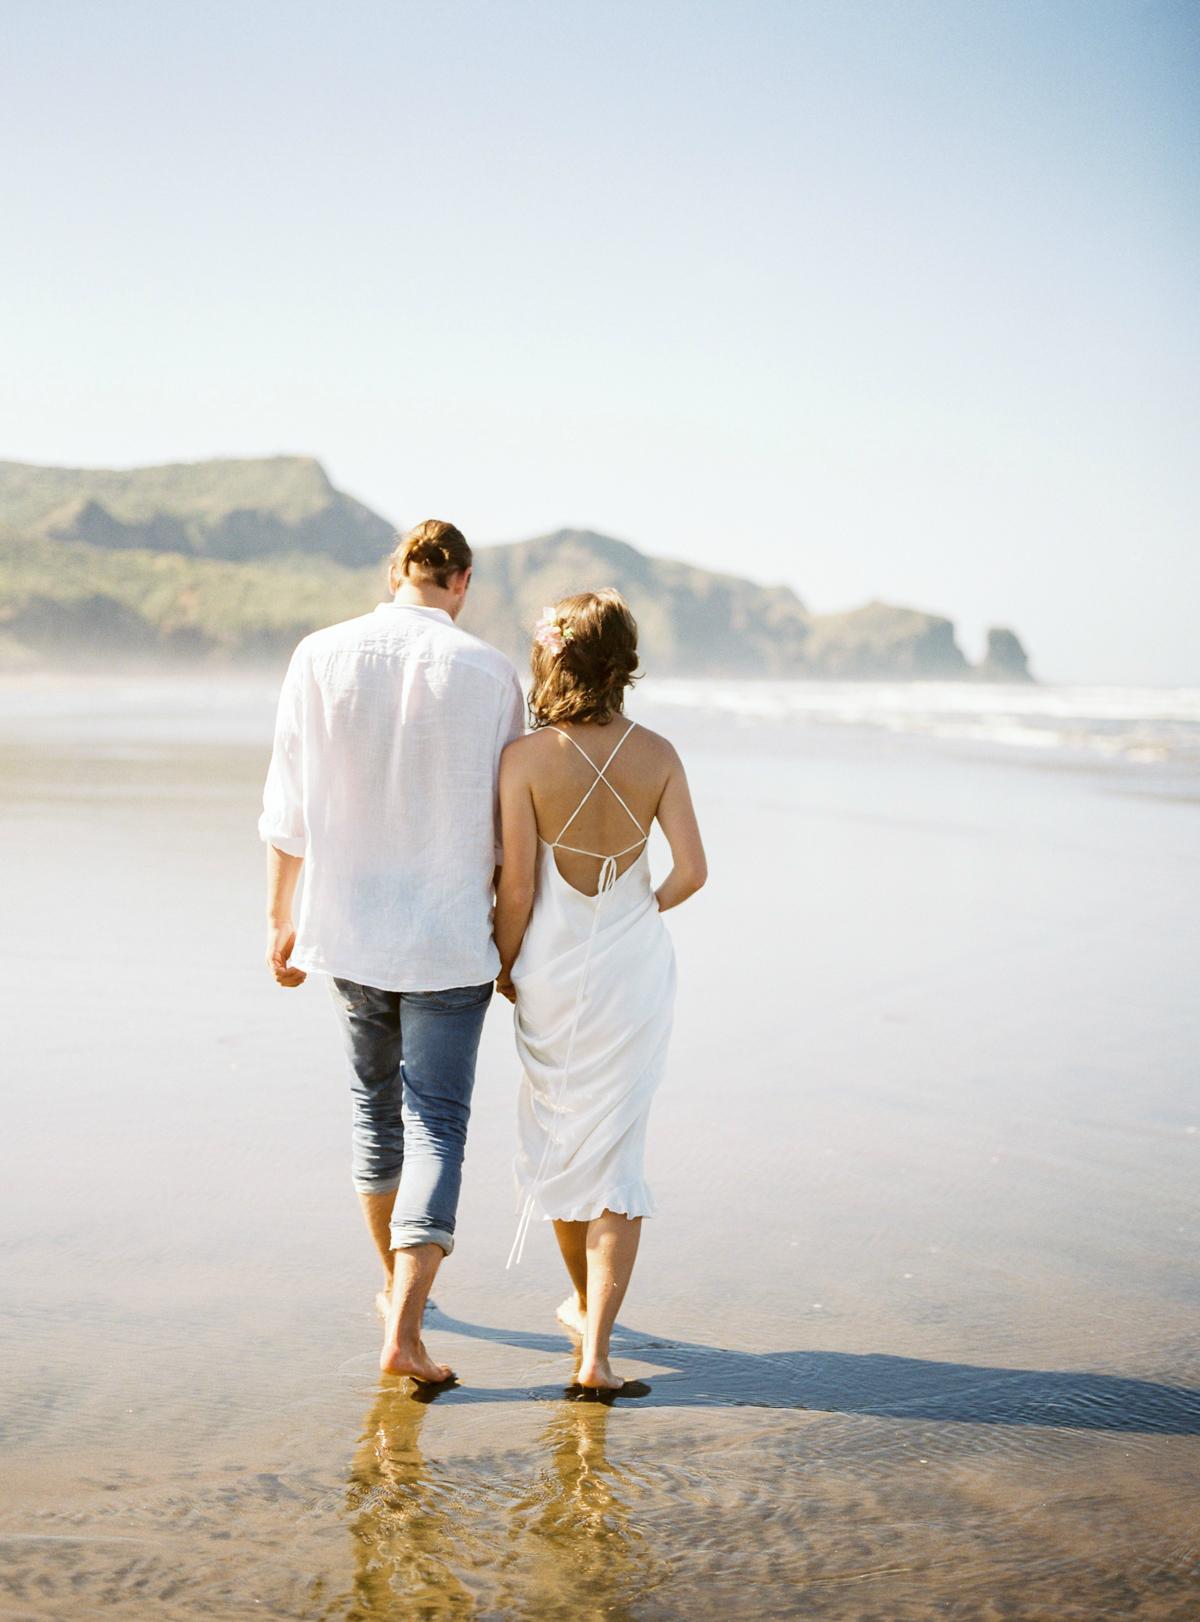 Destination wedding photographer Christchurch